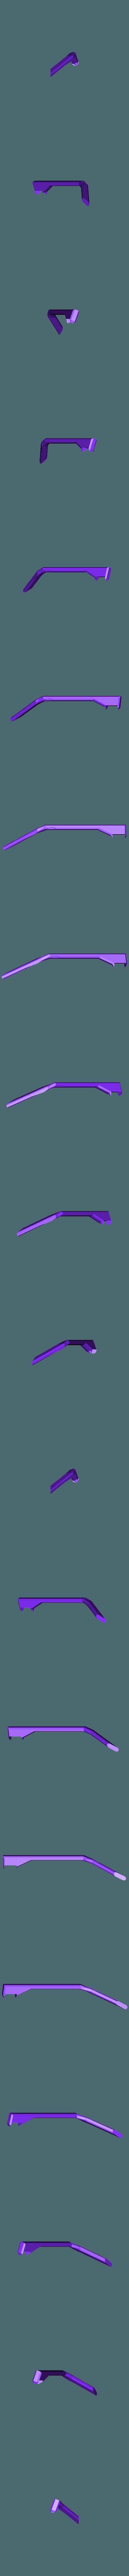 body_1_LED.stl Télécharger fichier STL gratuit Truelle sonique (LED) • Design à imprimer en 3D, poblocki1982